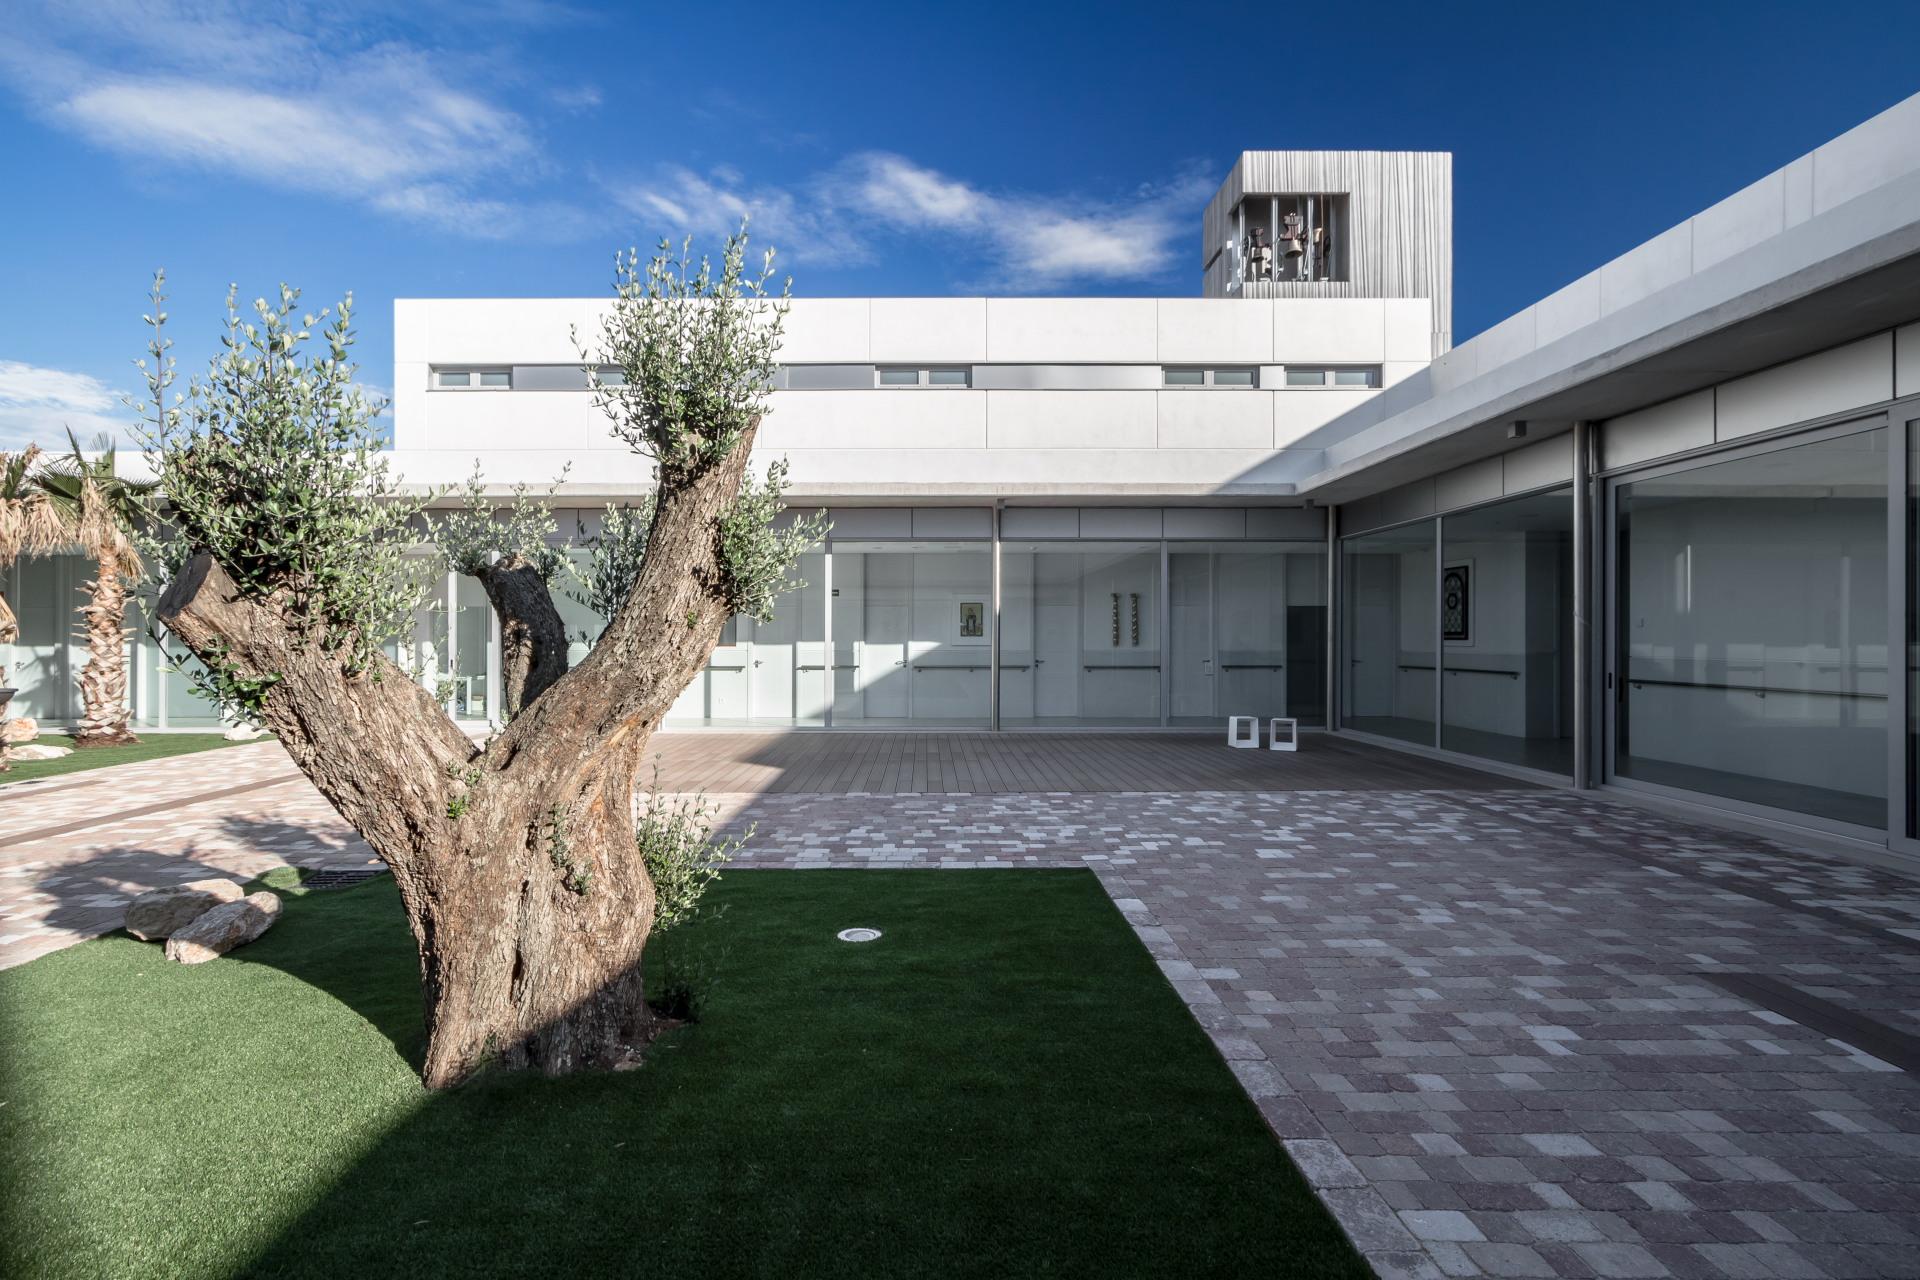 fotografia-arquitectura-valencia-german-cabo-hernandez-monasterio (25)